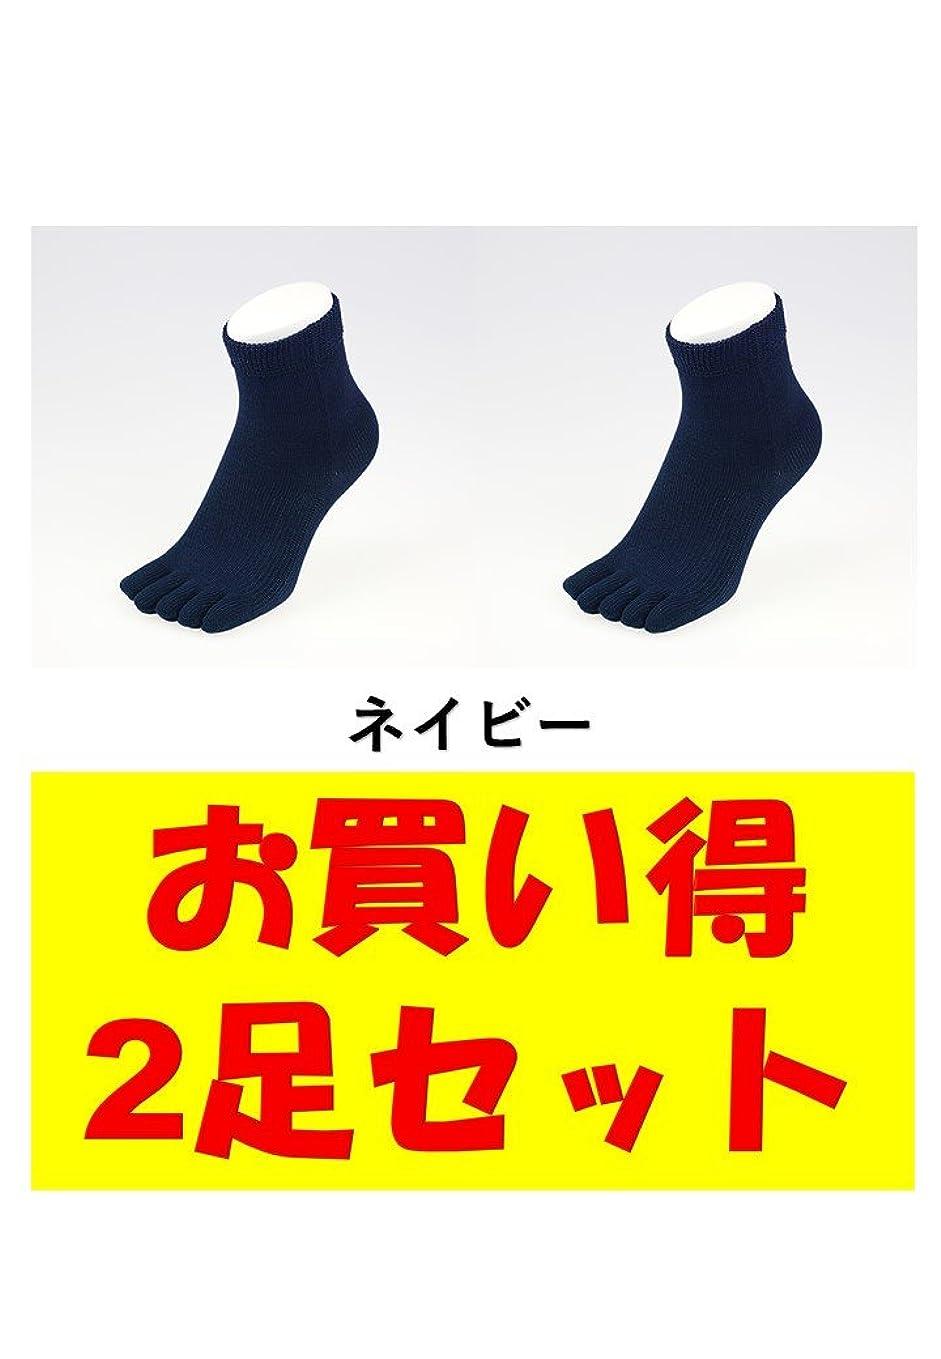 肩をすくめる嬉しいです天のお買い得2足セット 5本指 ゆびのばソックス Neo EVE(イヴ) ネイビー Sサイズ(21.0cm - 24.0cm) YSNEVE-NVY